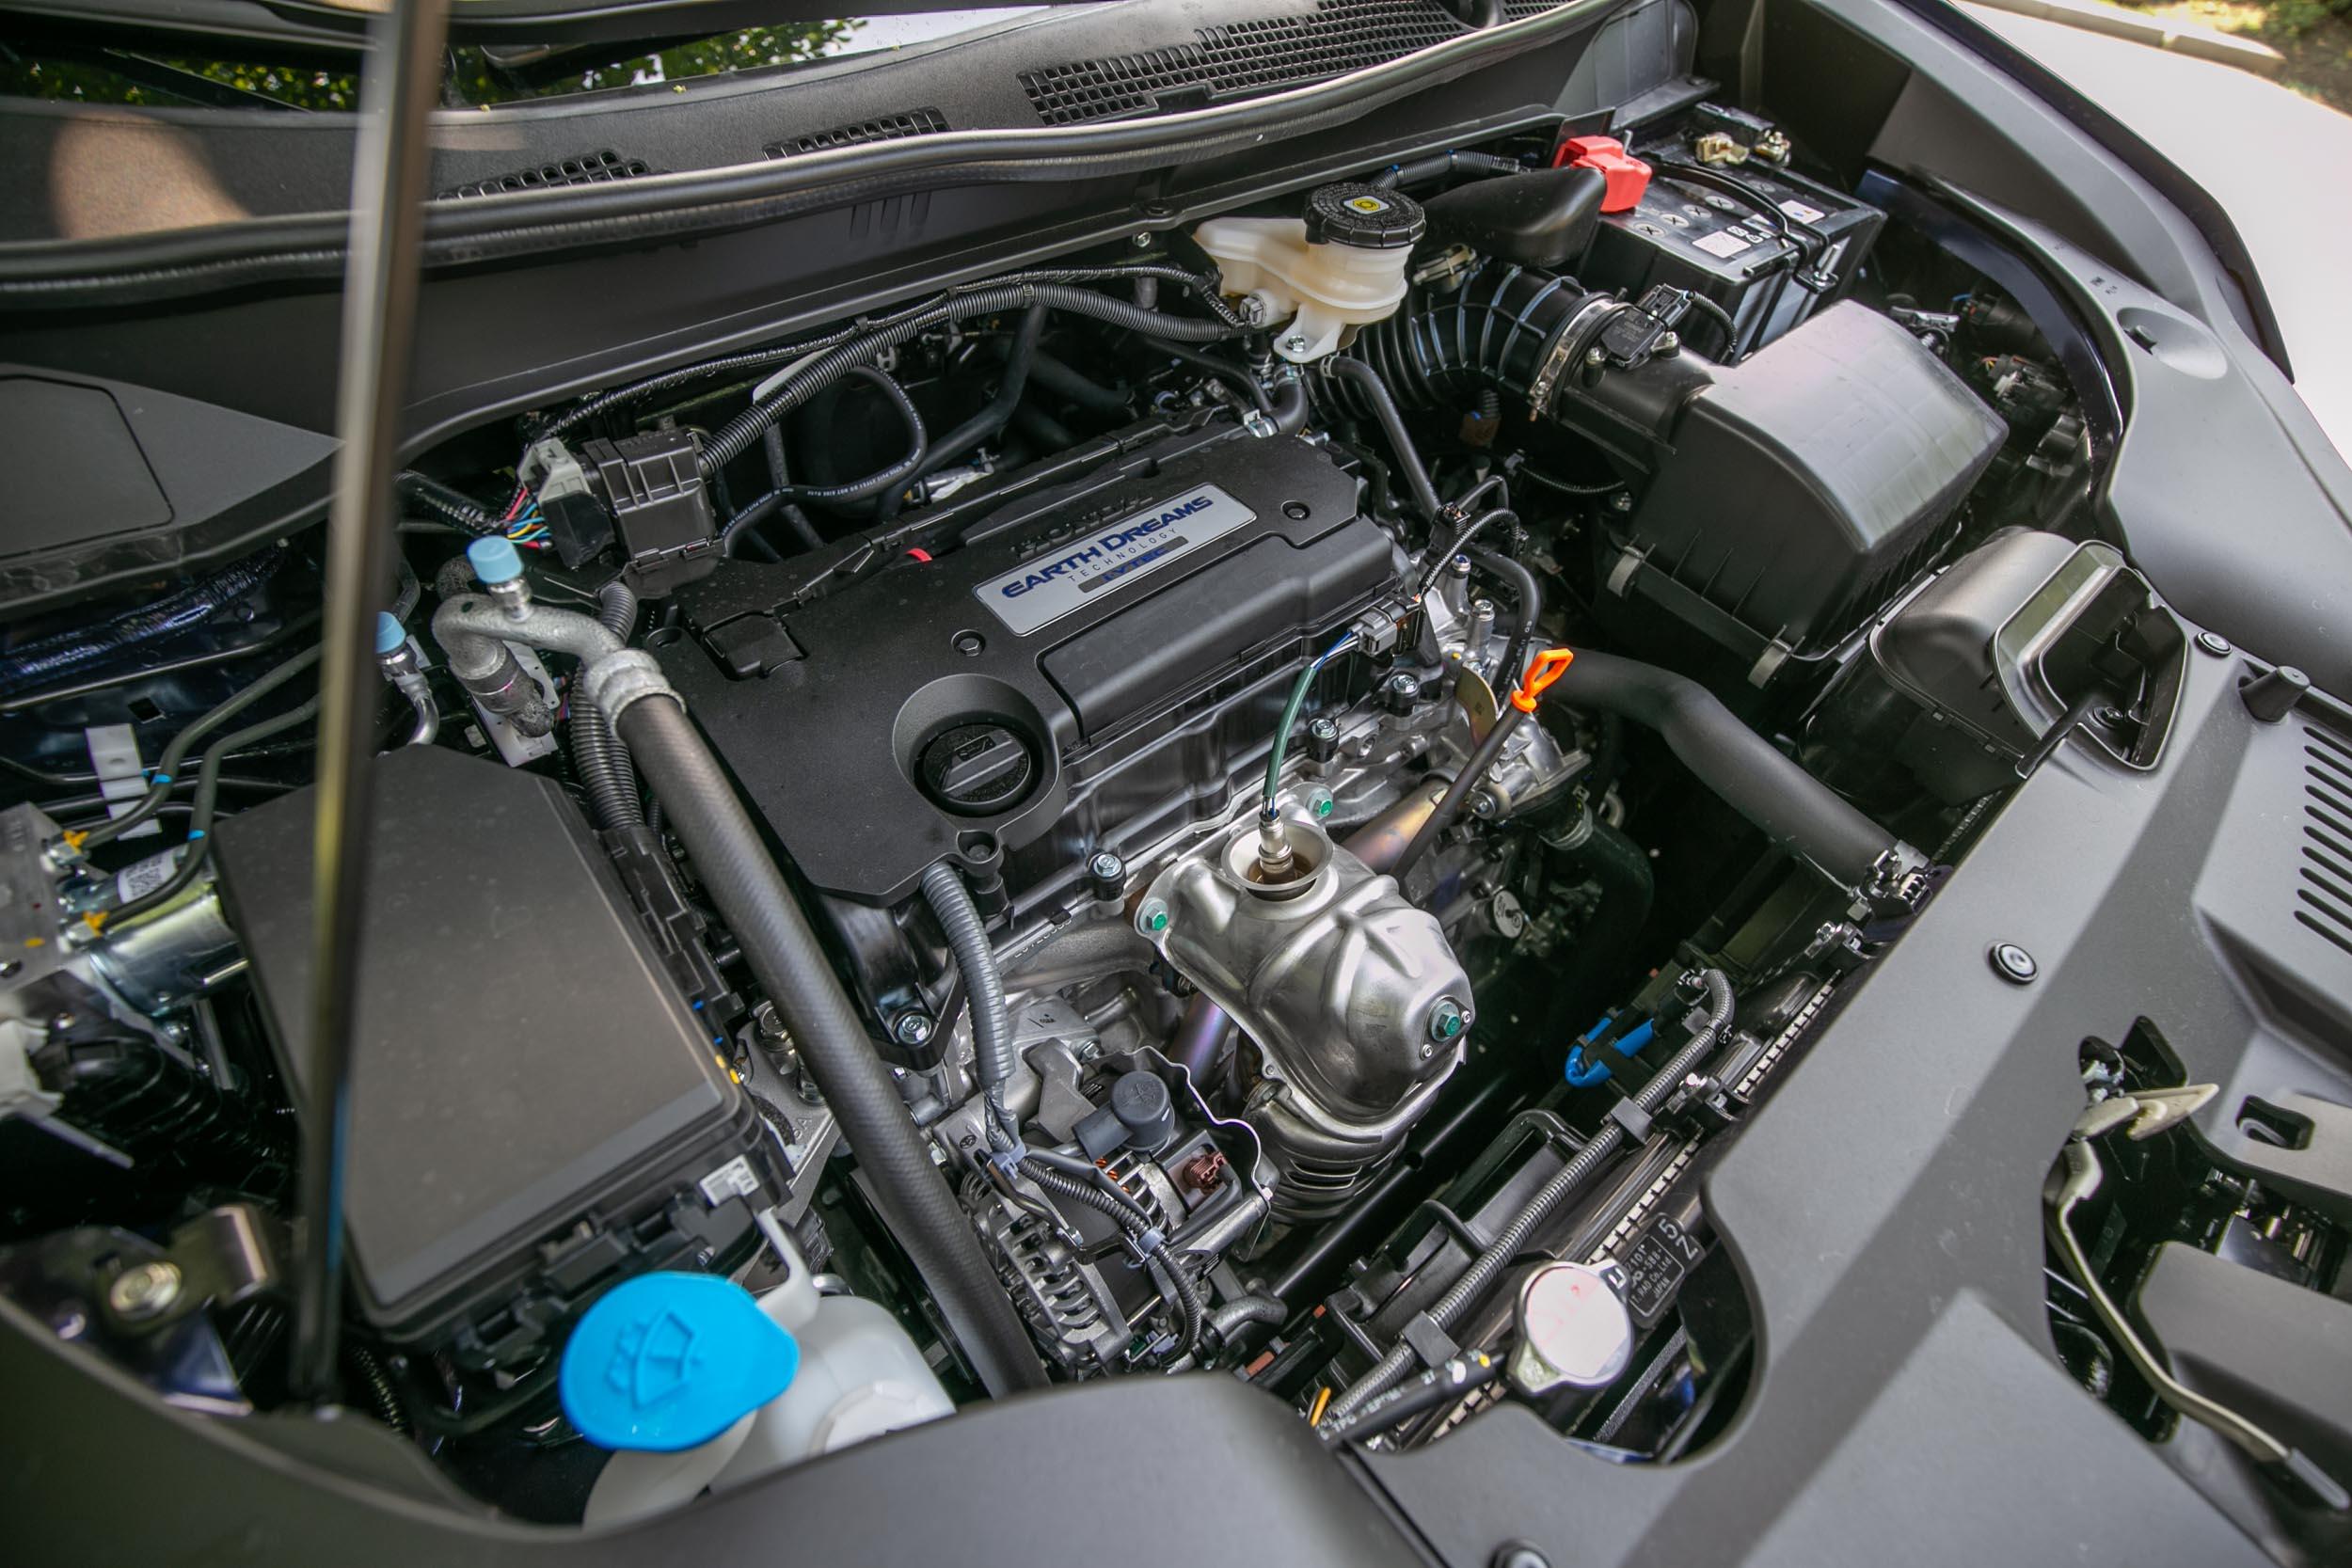 與改款前同樣搭載 2.4 升自然進氣汽油引擎,具備 175ps/6200rpm 最大馬力與 23kgm/4000rpm 最大扭力輸出。